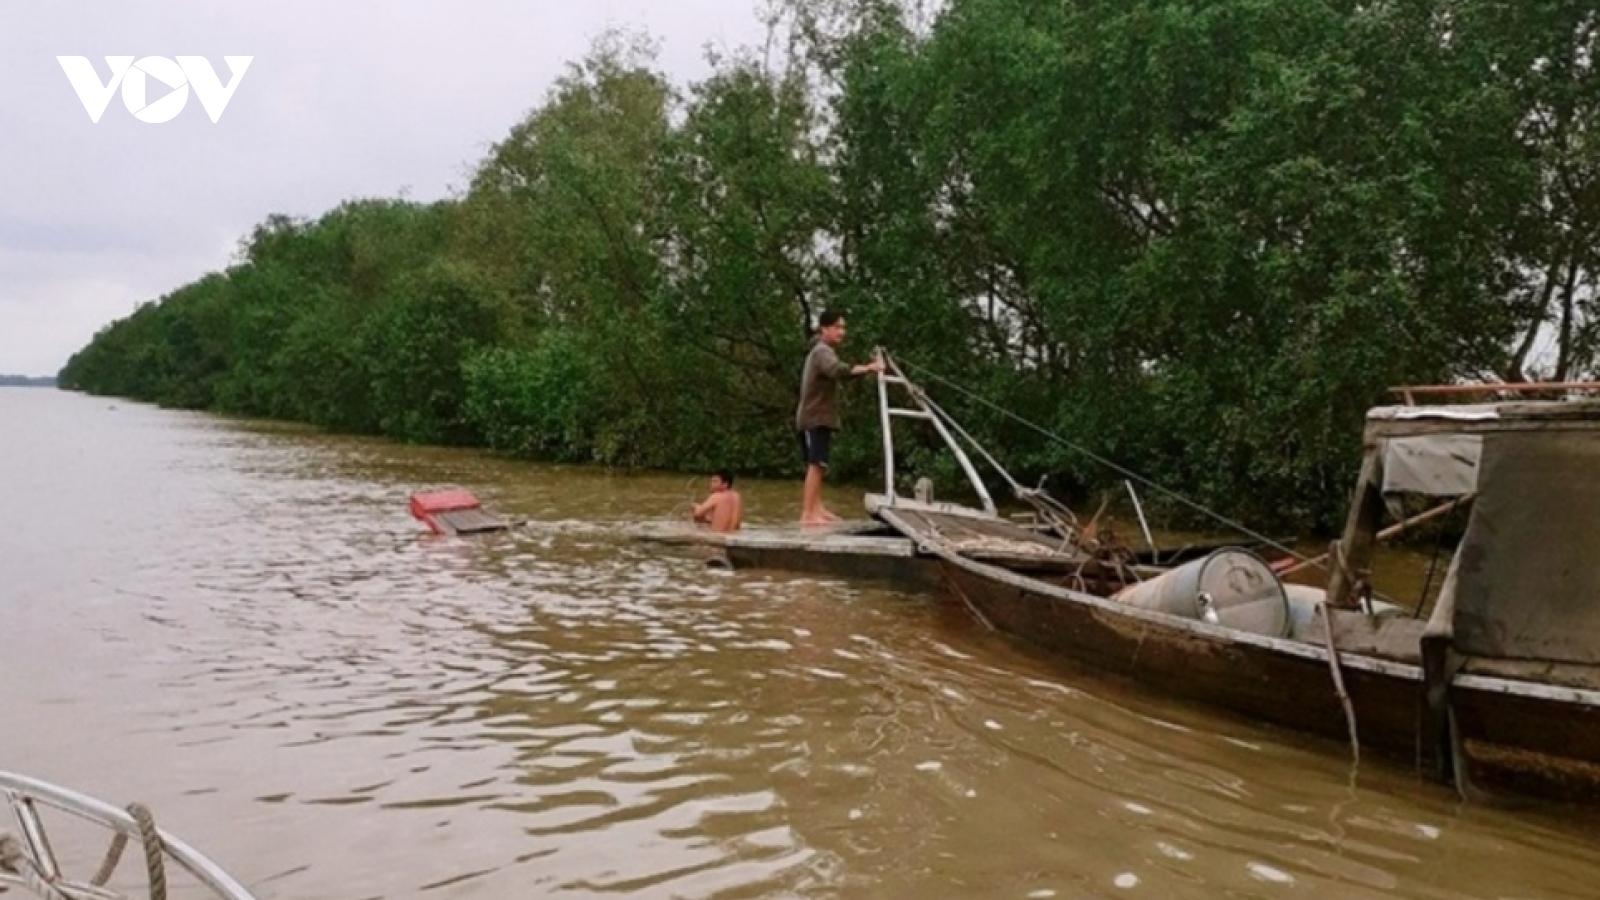 Cứu hai ngư dân bị chìm ghe trên sông Soài Rạp